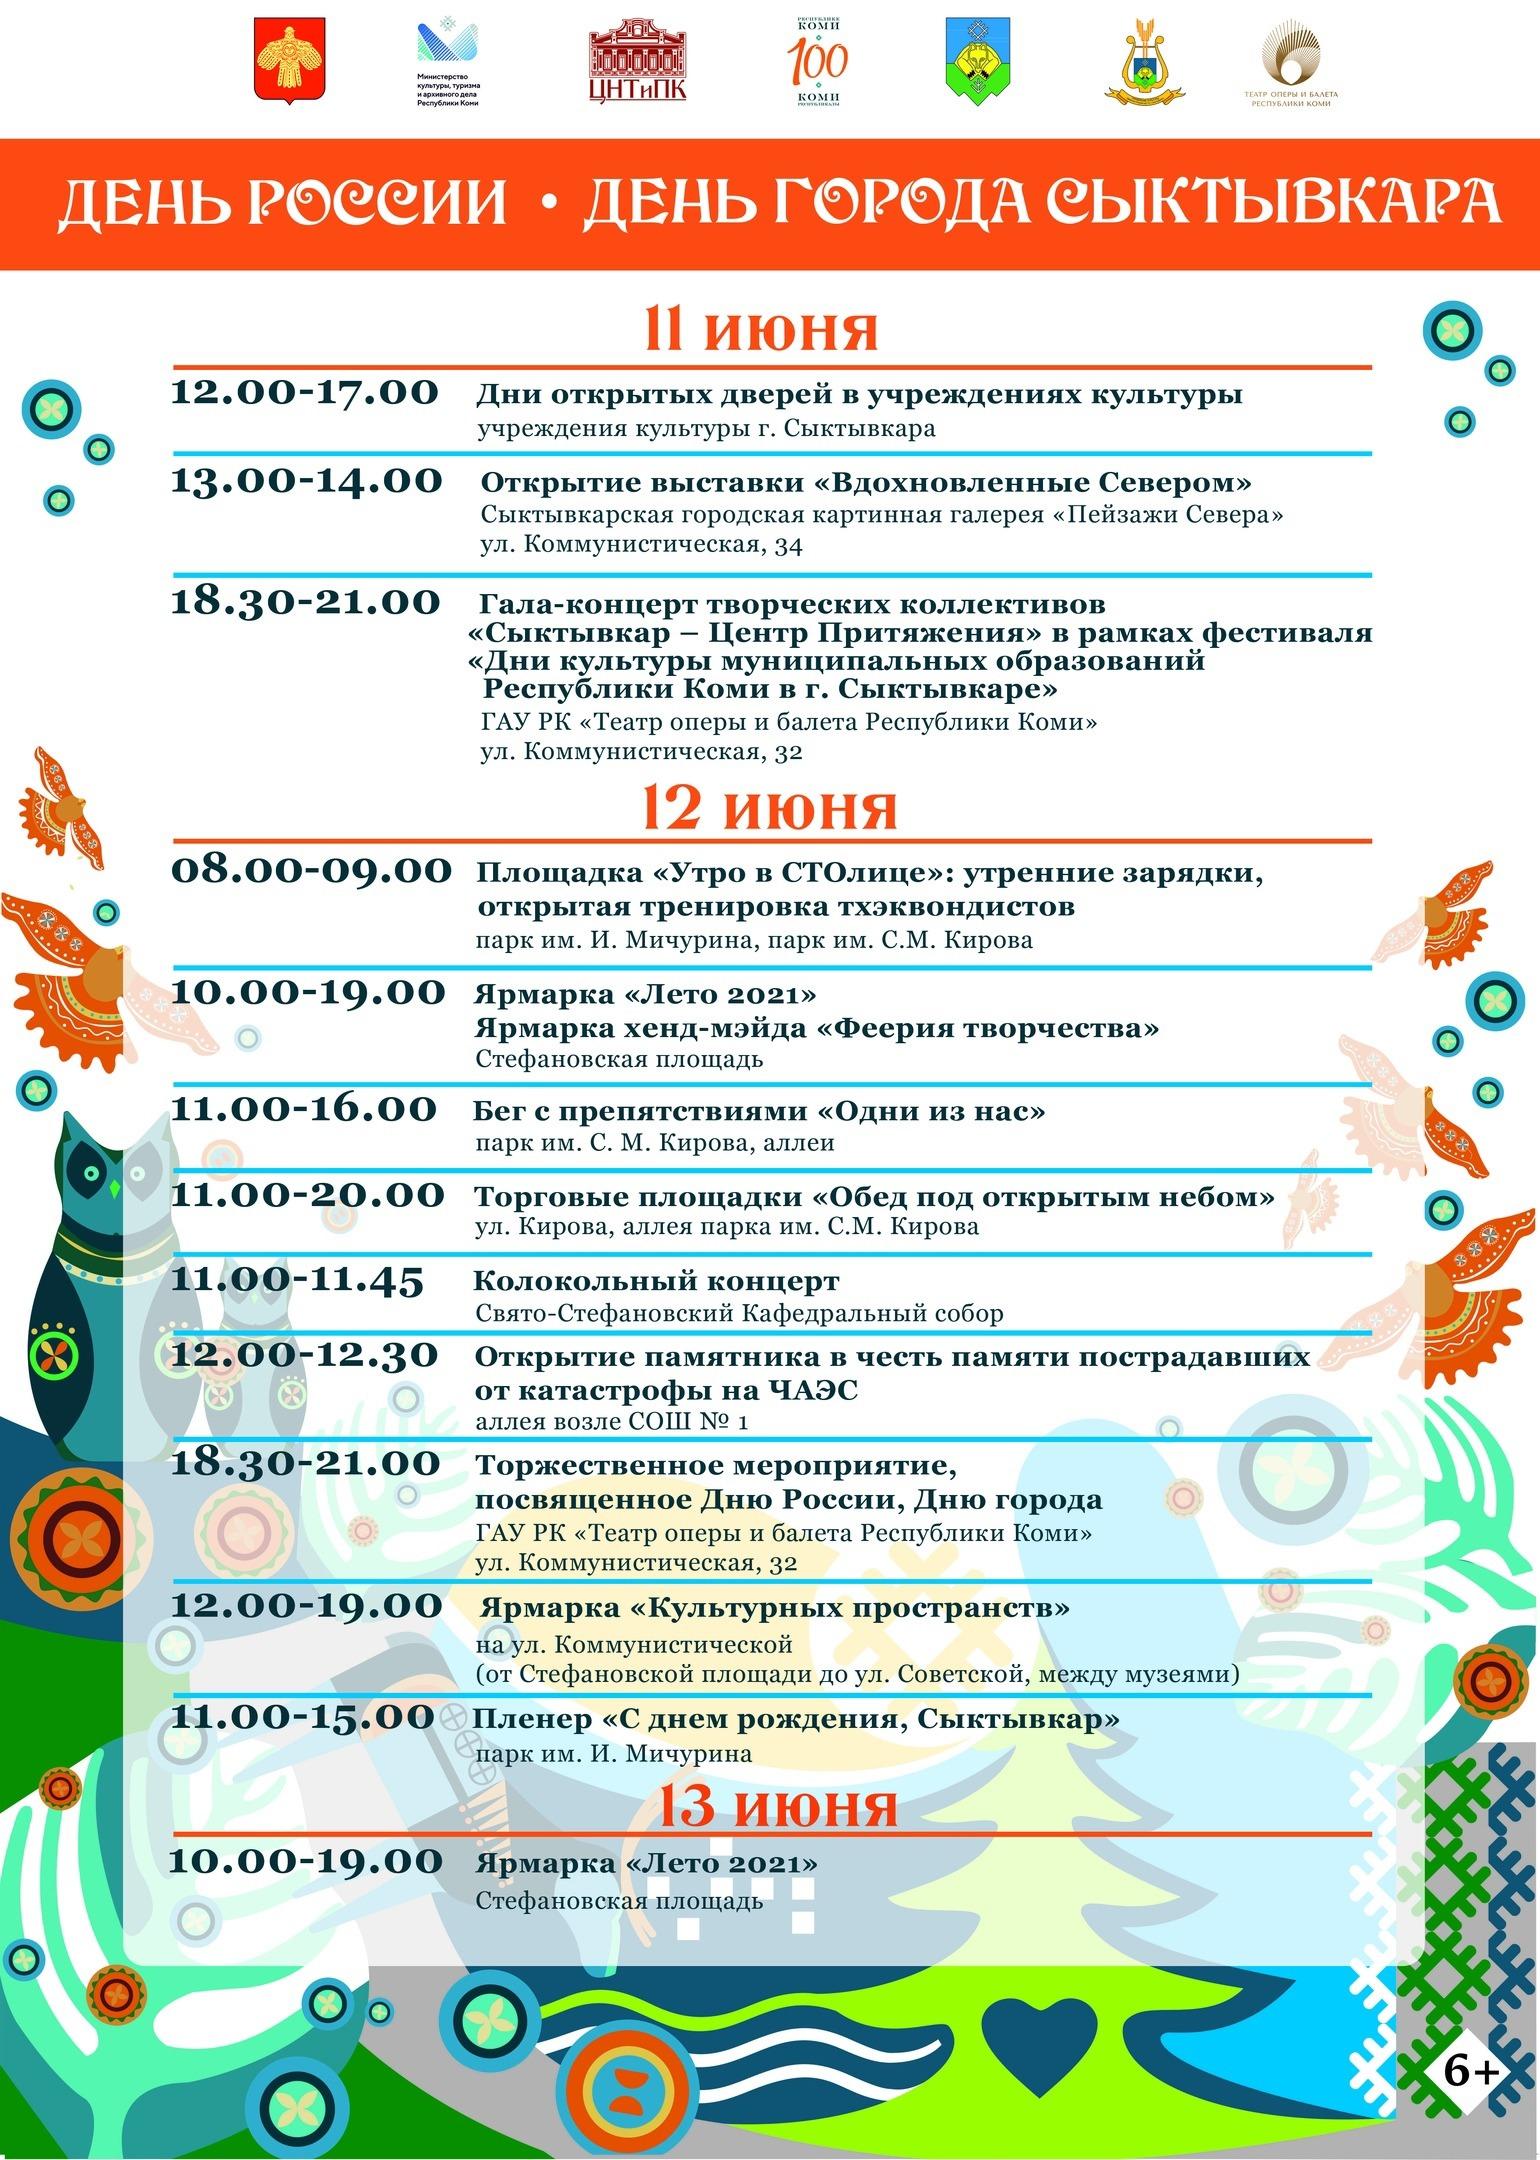 afischa_11-13-iyunya.jpg